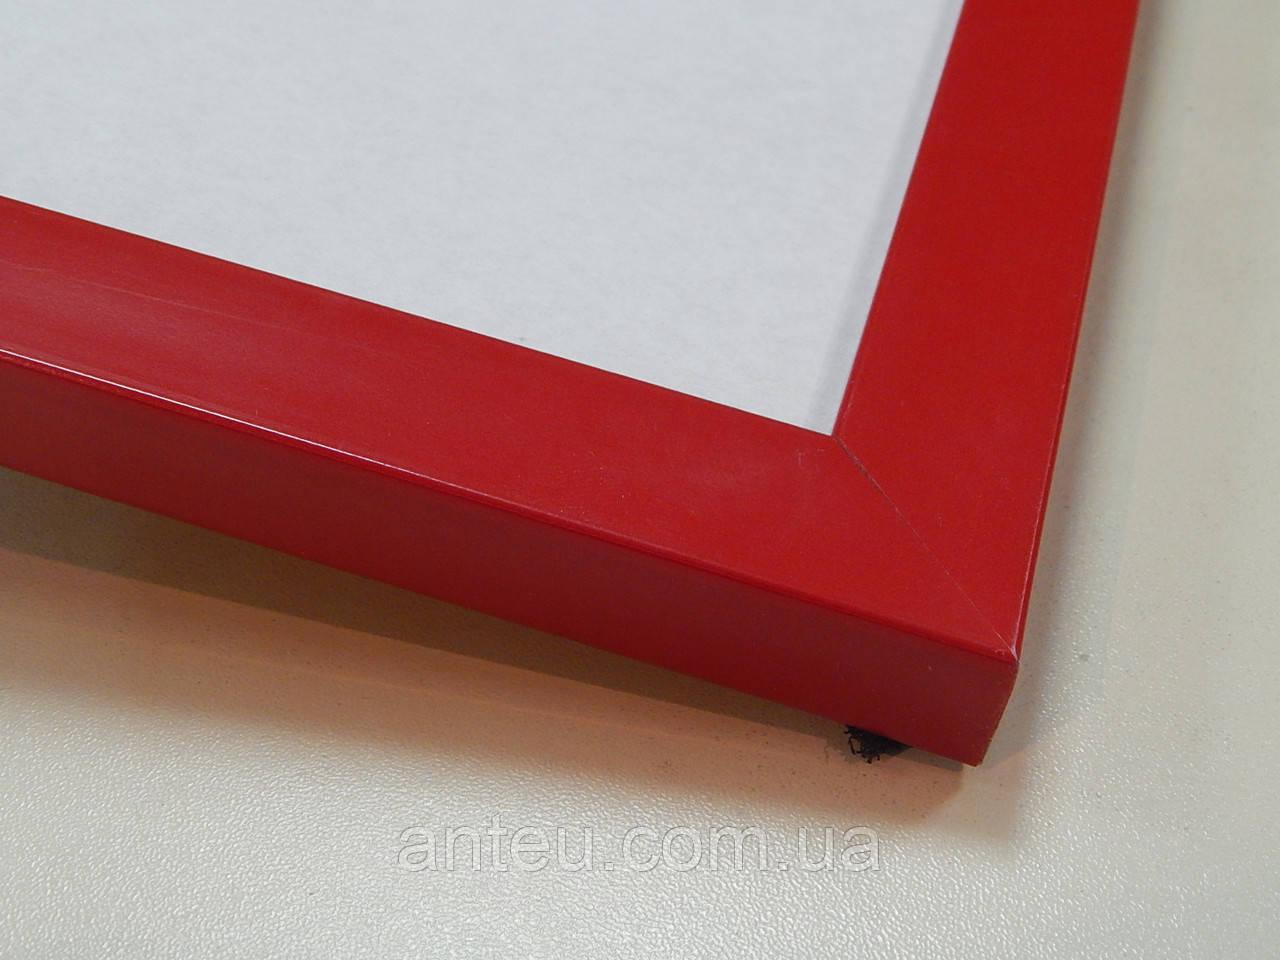 Рамка А3 (297х420).Красный матовый.22 мм.Пластик.